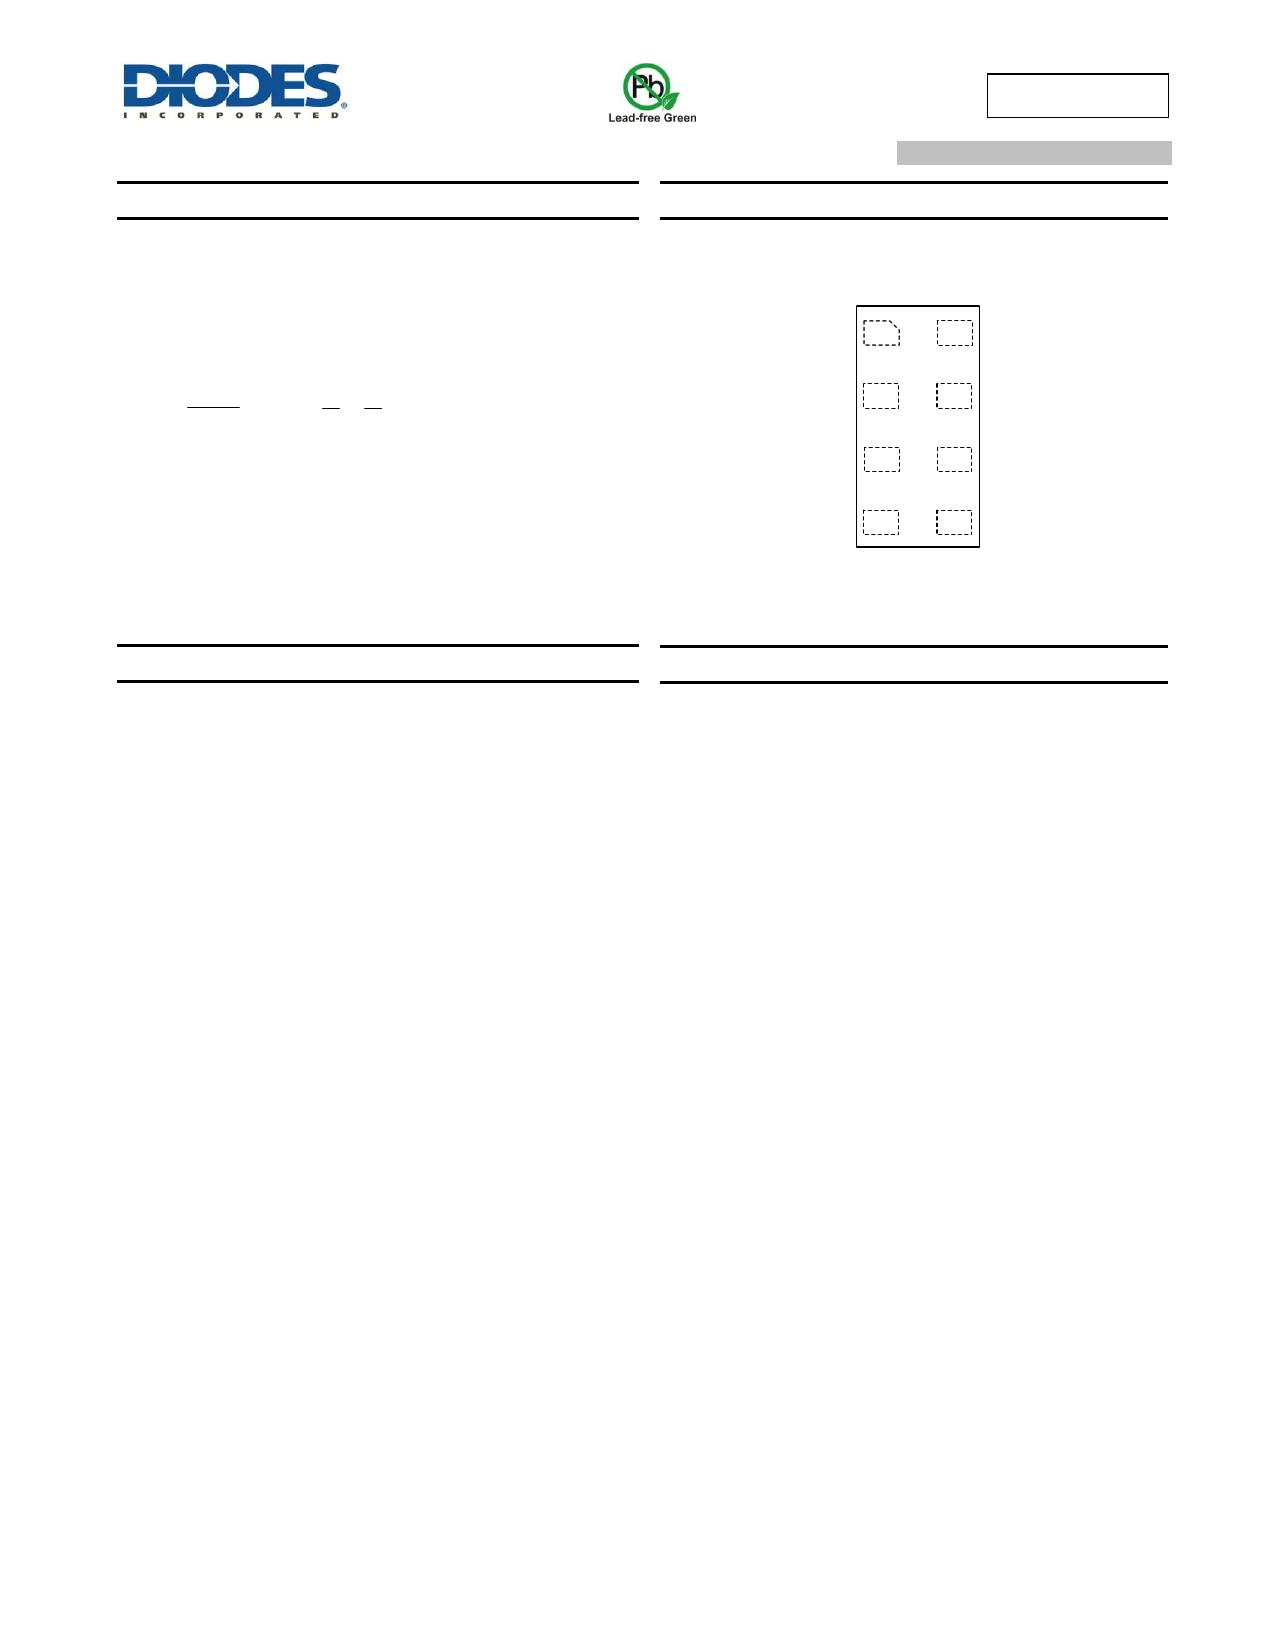 74LVC2G00 Datasheet